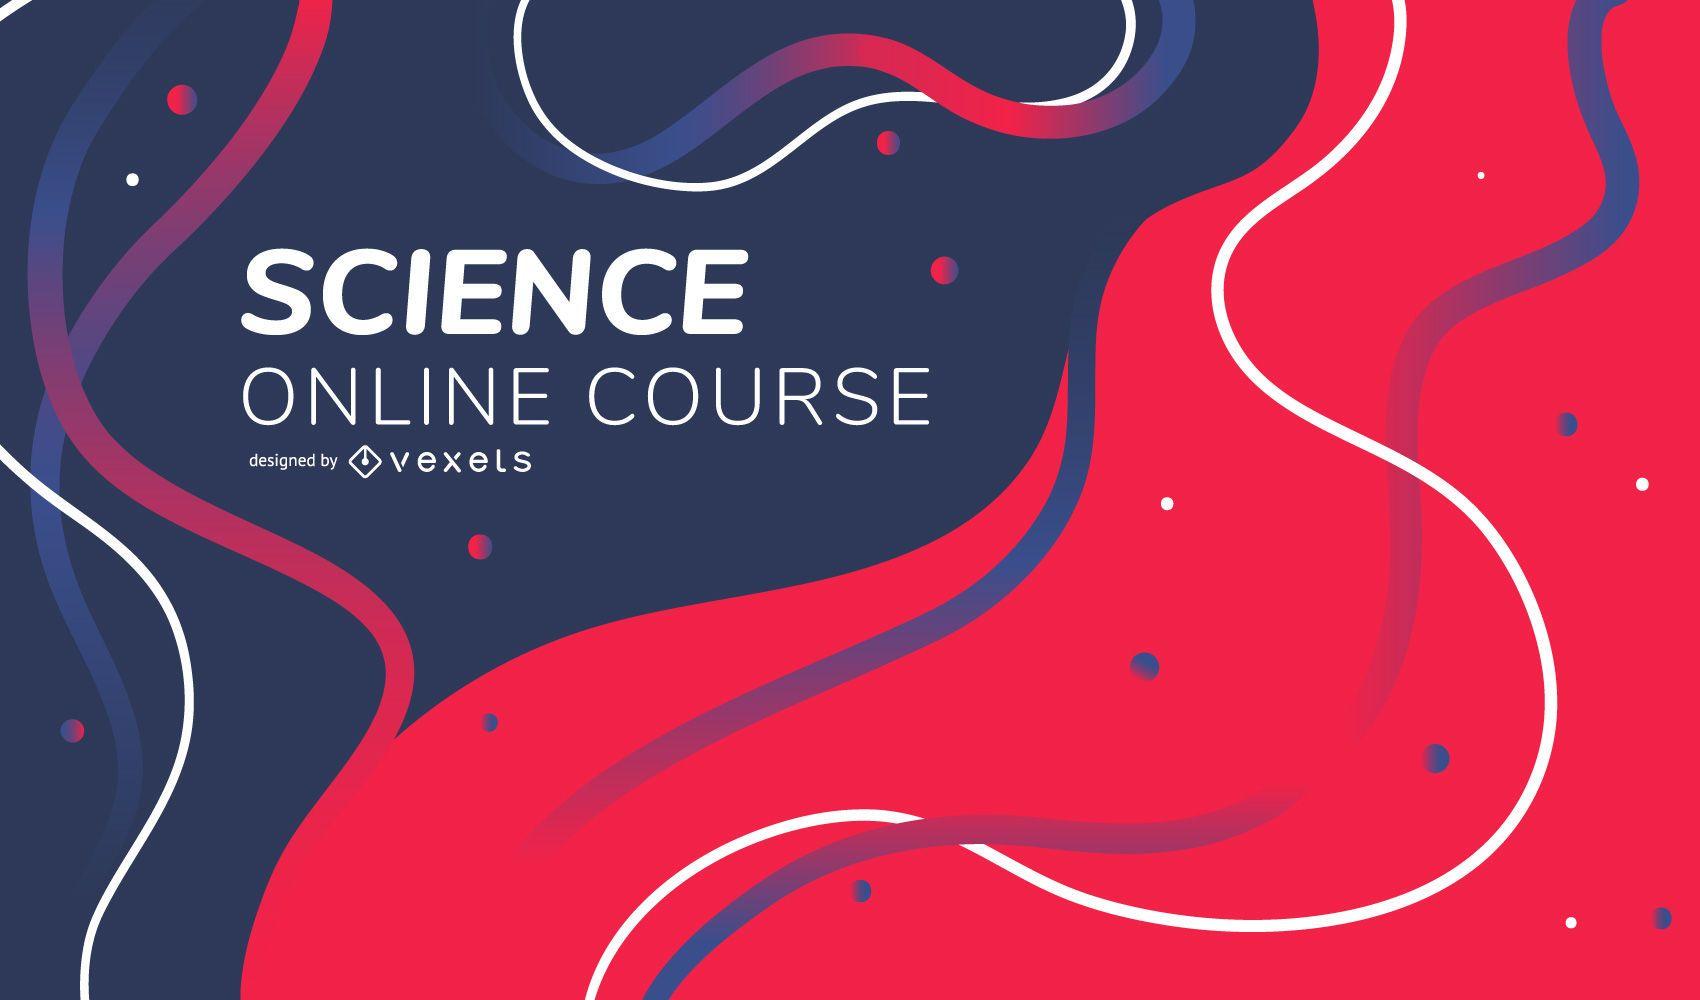 Zusammenfassung des wissenschaftlichen Online-Kurses